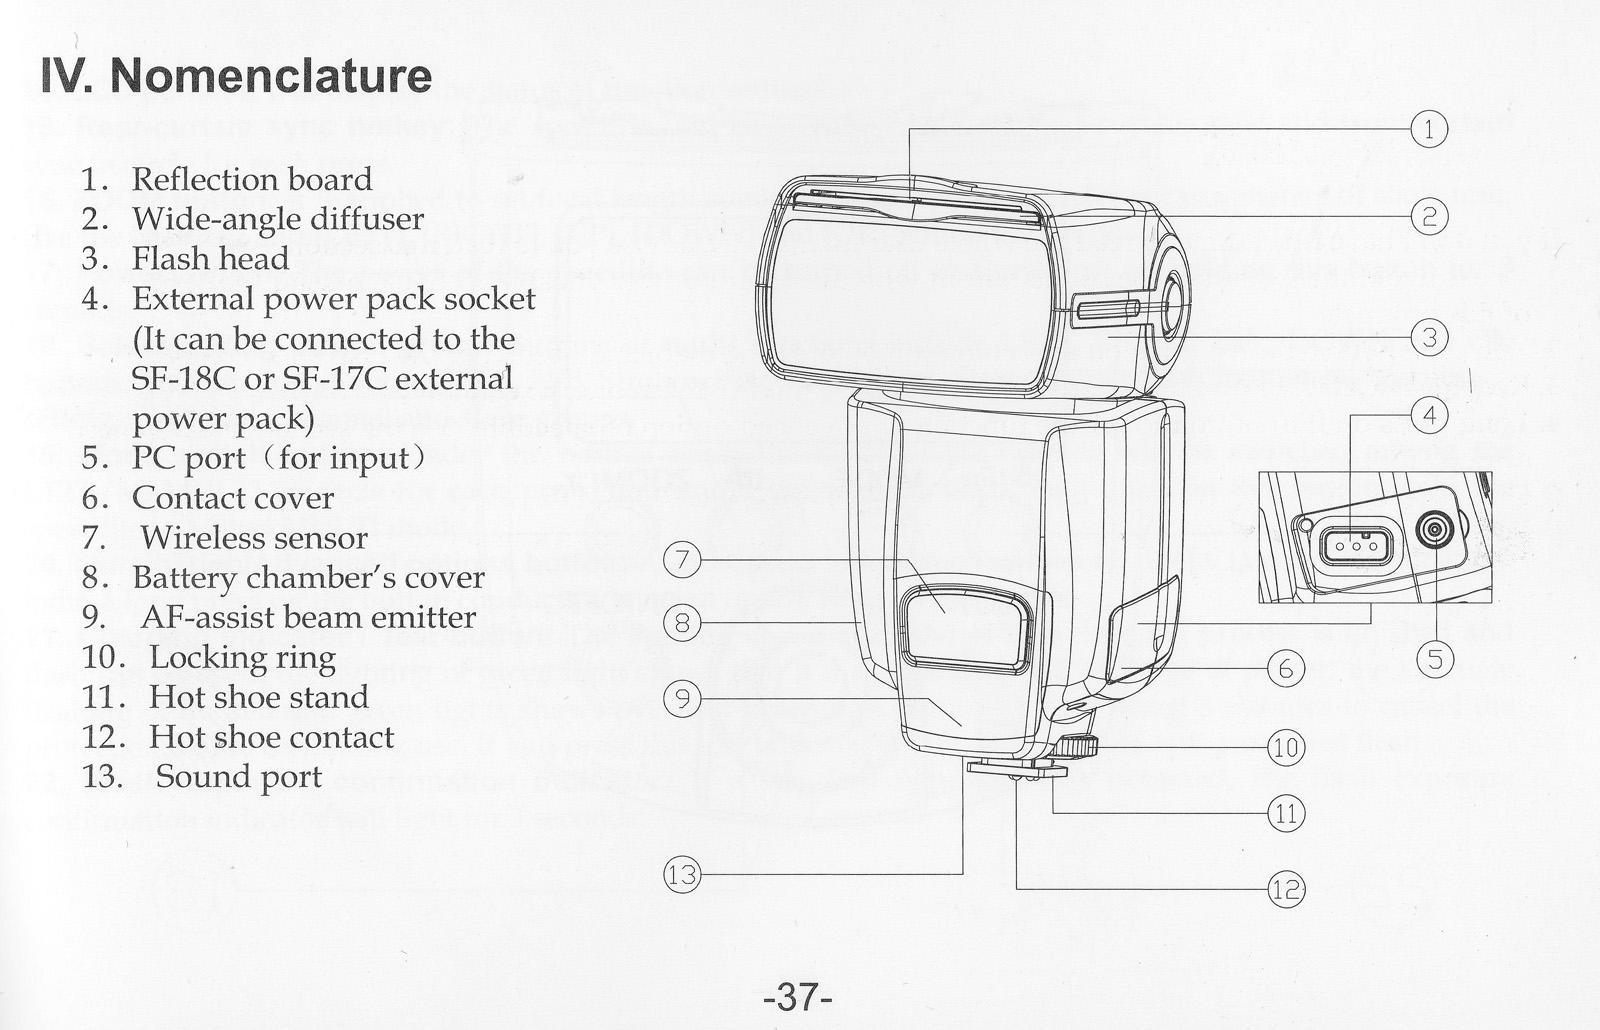 инструкция телефона флай модель bl4008